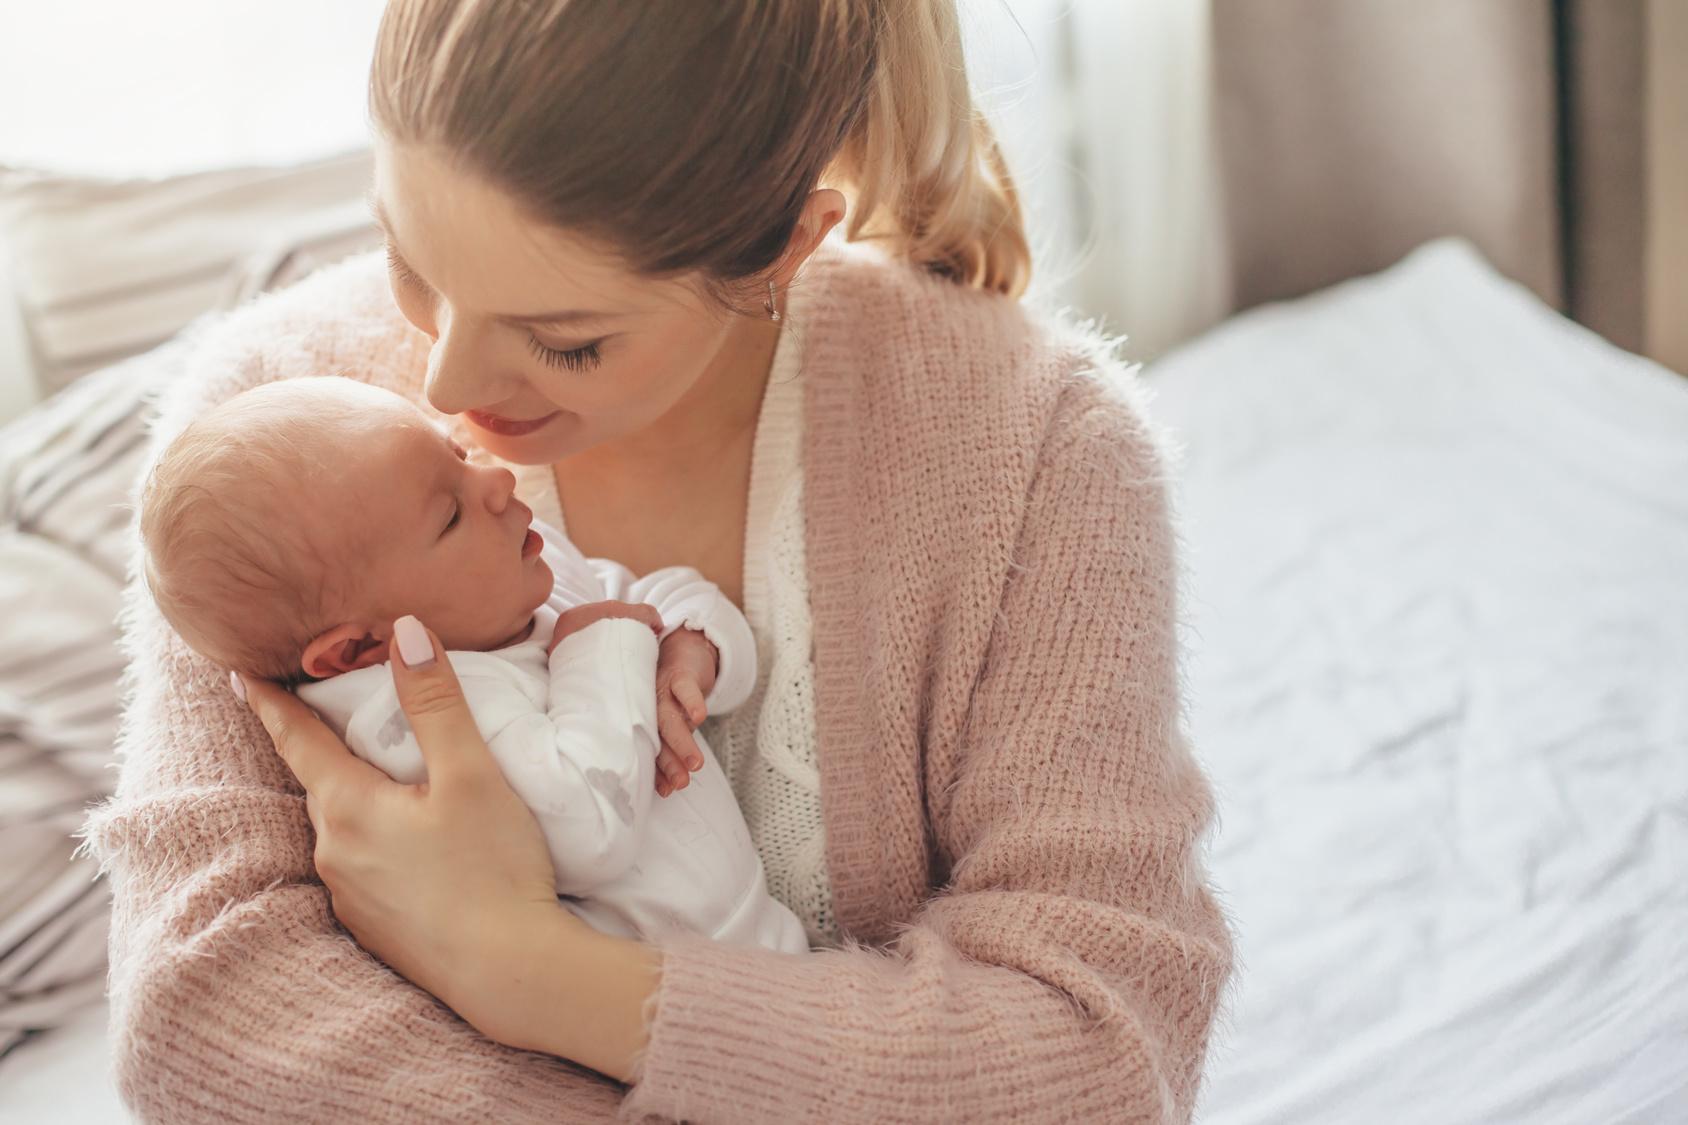 kebahagiaan sebagai seorang ibu